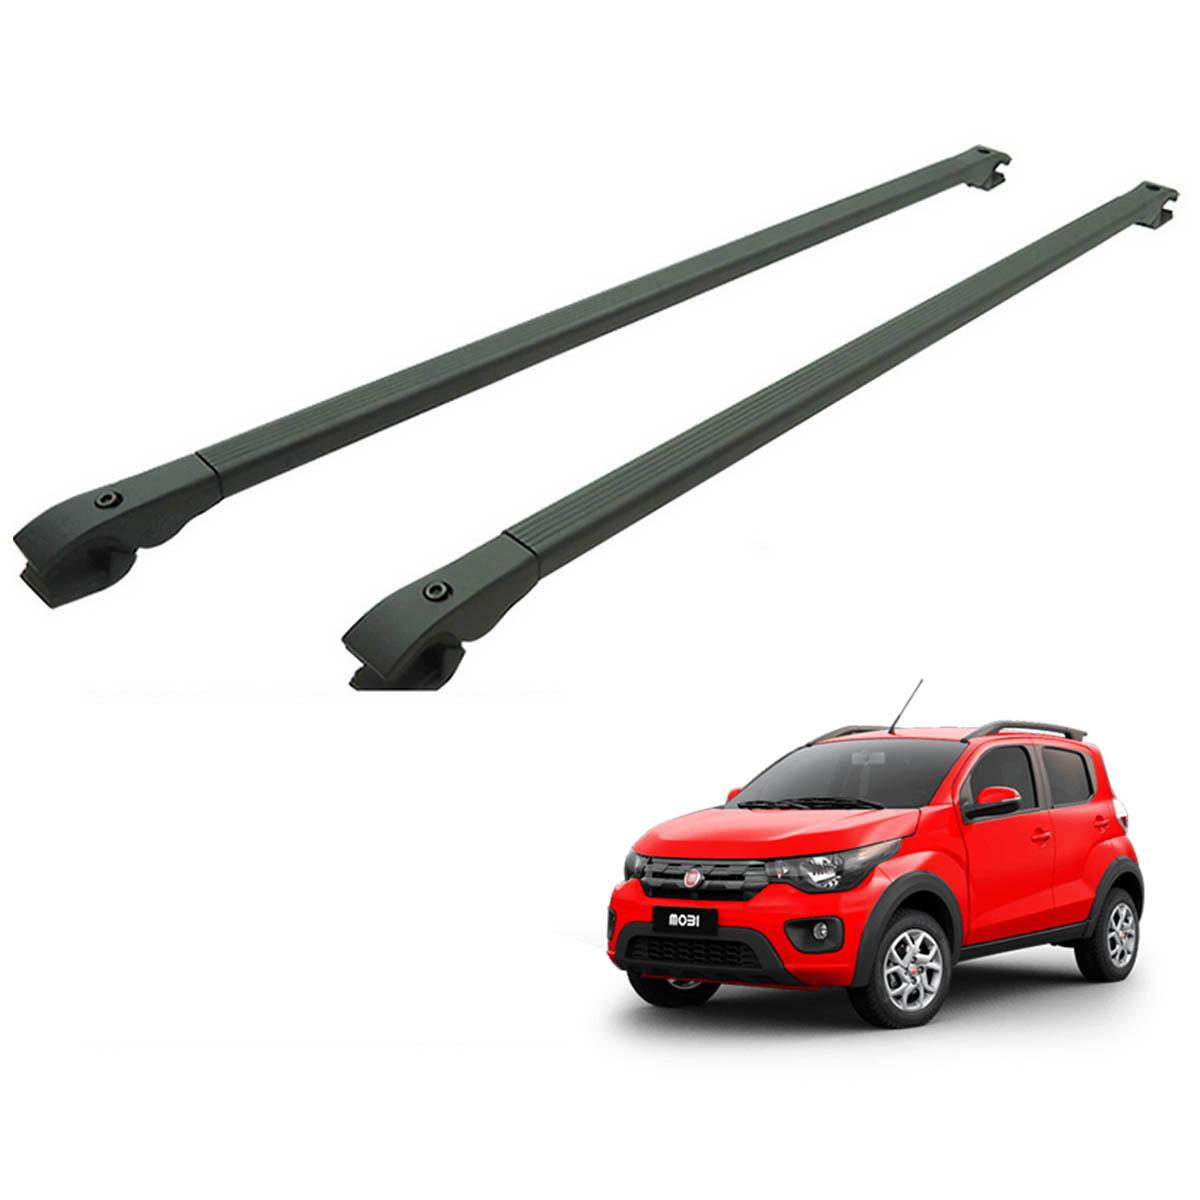 Travessa rack de teto alumínio preta Fiat Mobi Way 2017